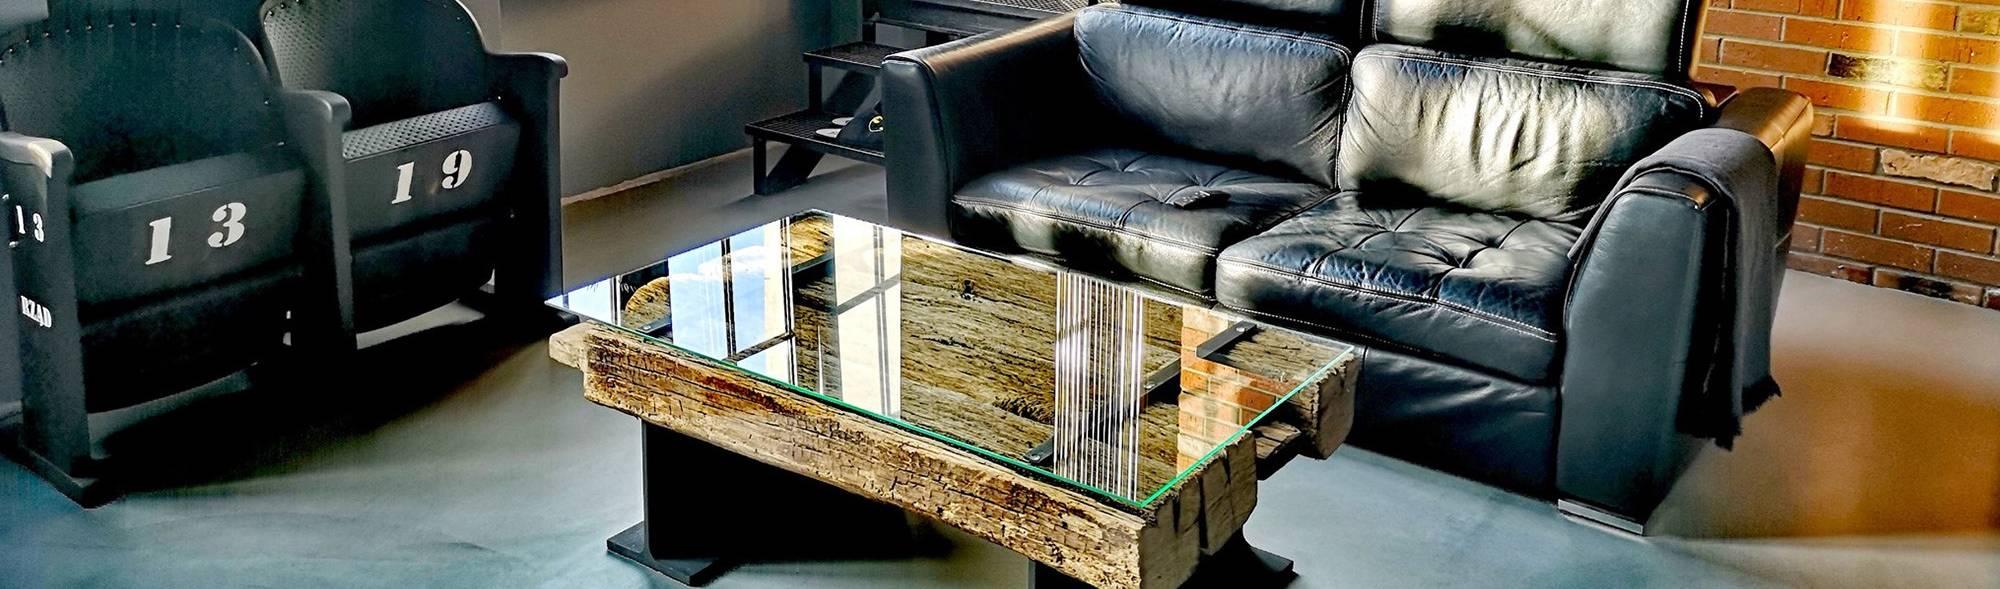 STUDIO OSHEI – stoły, ławy z litego drewna, designerskie meble industrialne.